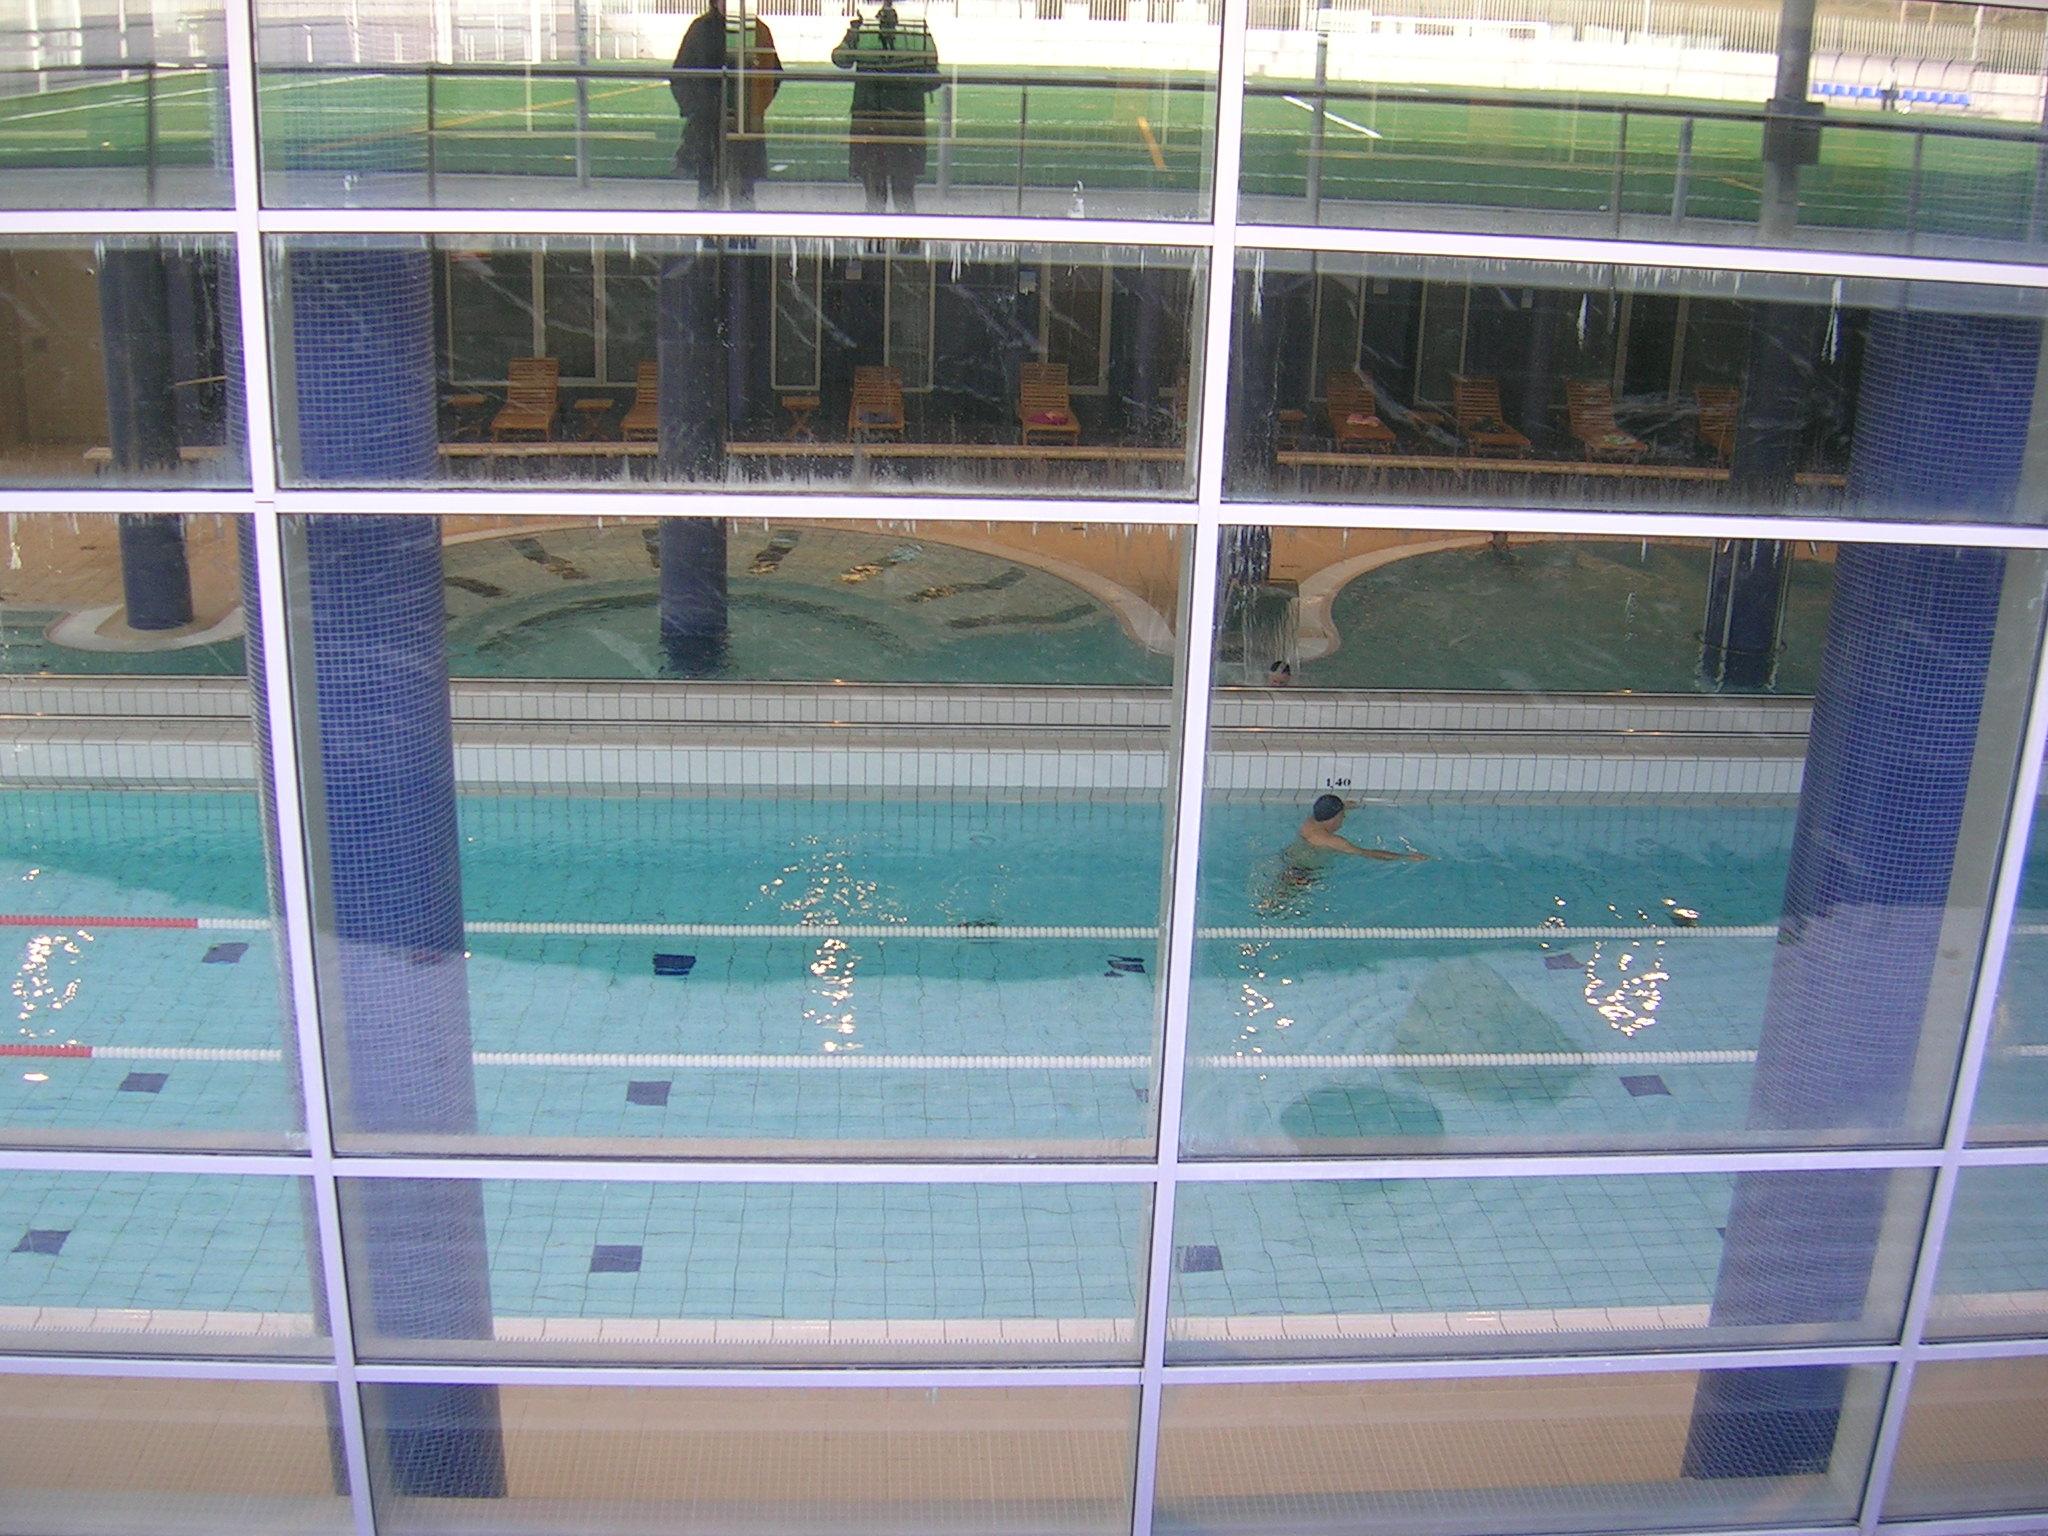 Polideportivo y piscina ansoain ge asociados for Piscina polideportivo